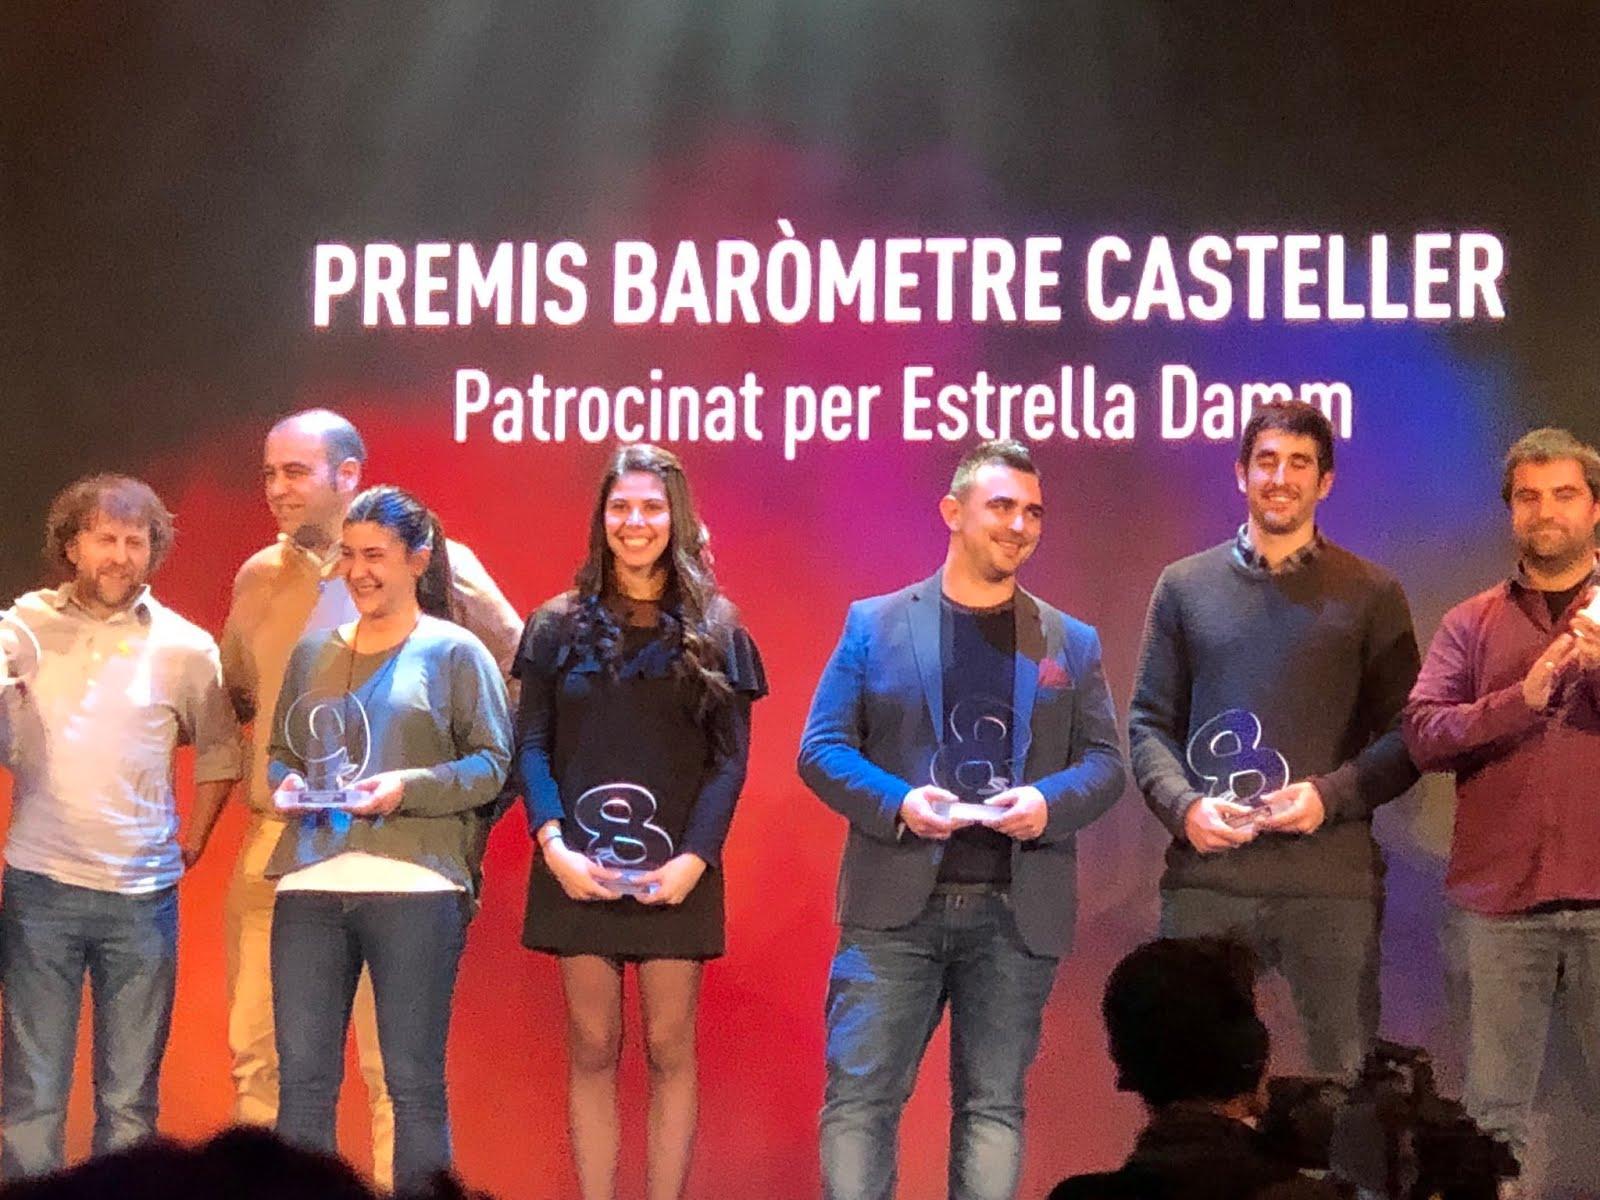 6 colles premiades a la #NitDeCastells amb el Premi Baròmetre 2017